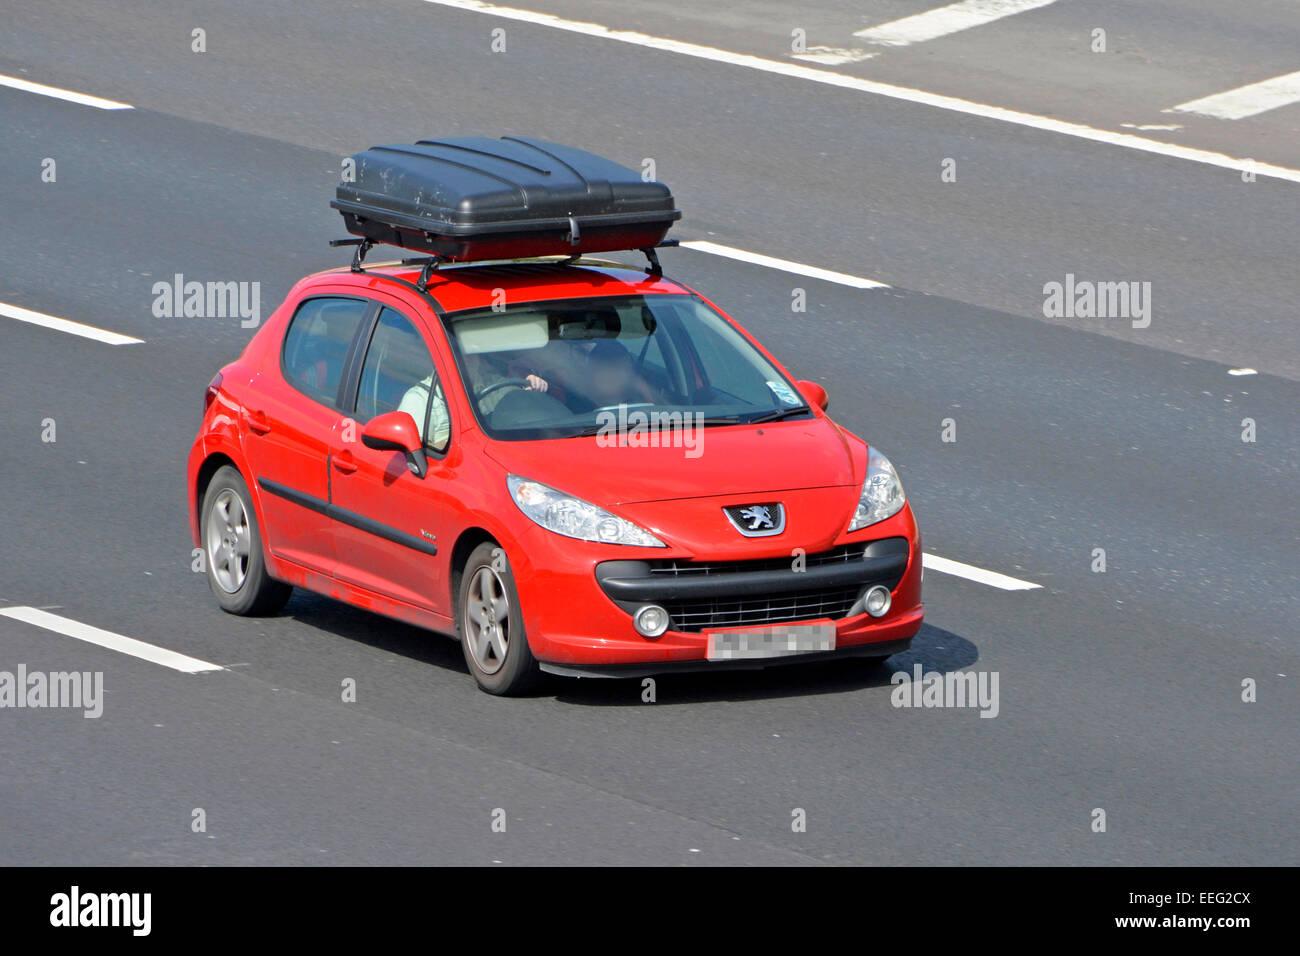 Voiture Vauxhall Rouge Equipe D Un Grand Coffre De Toit En Voiture